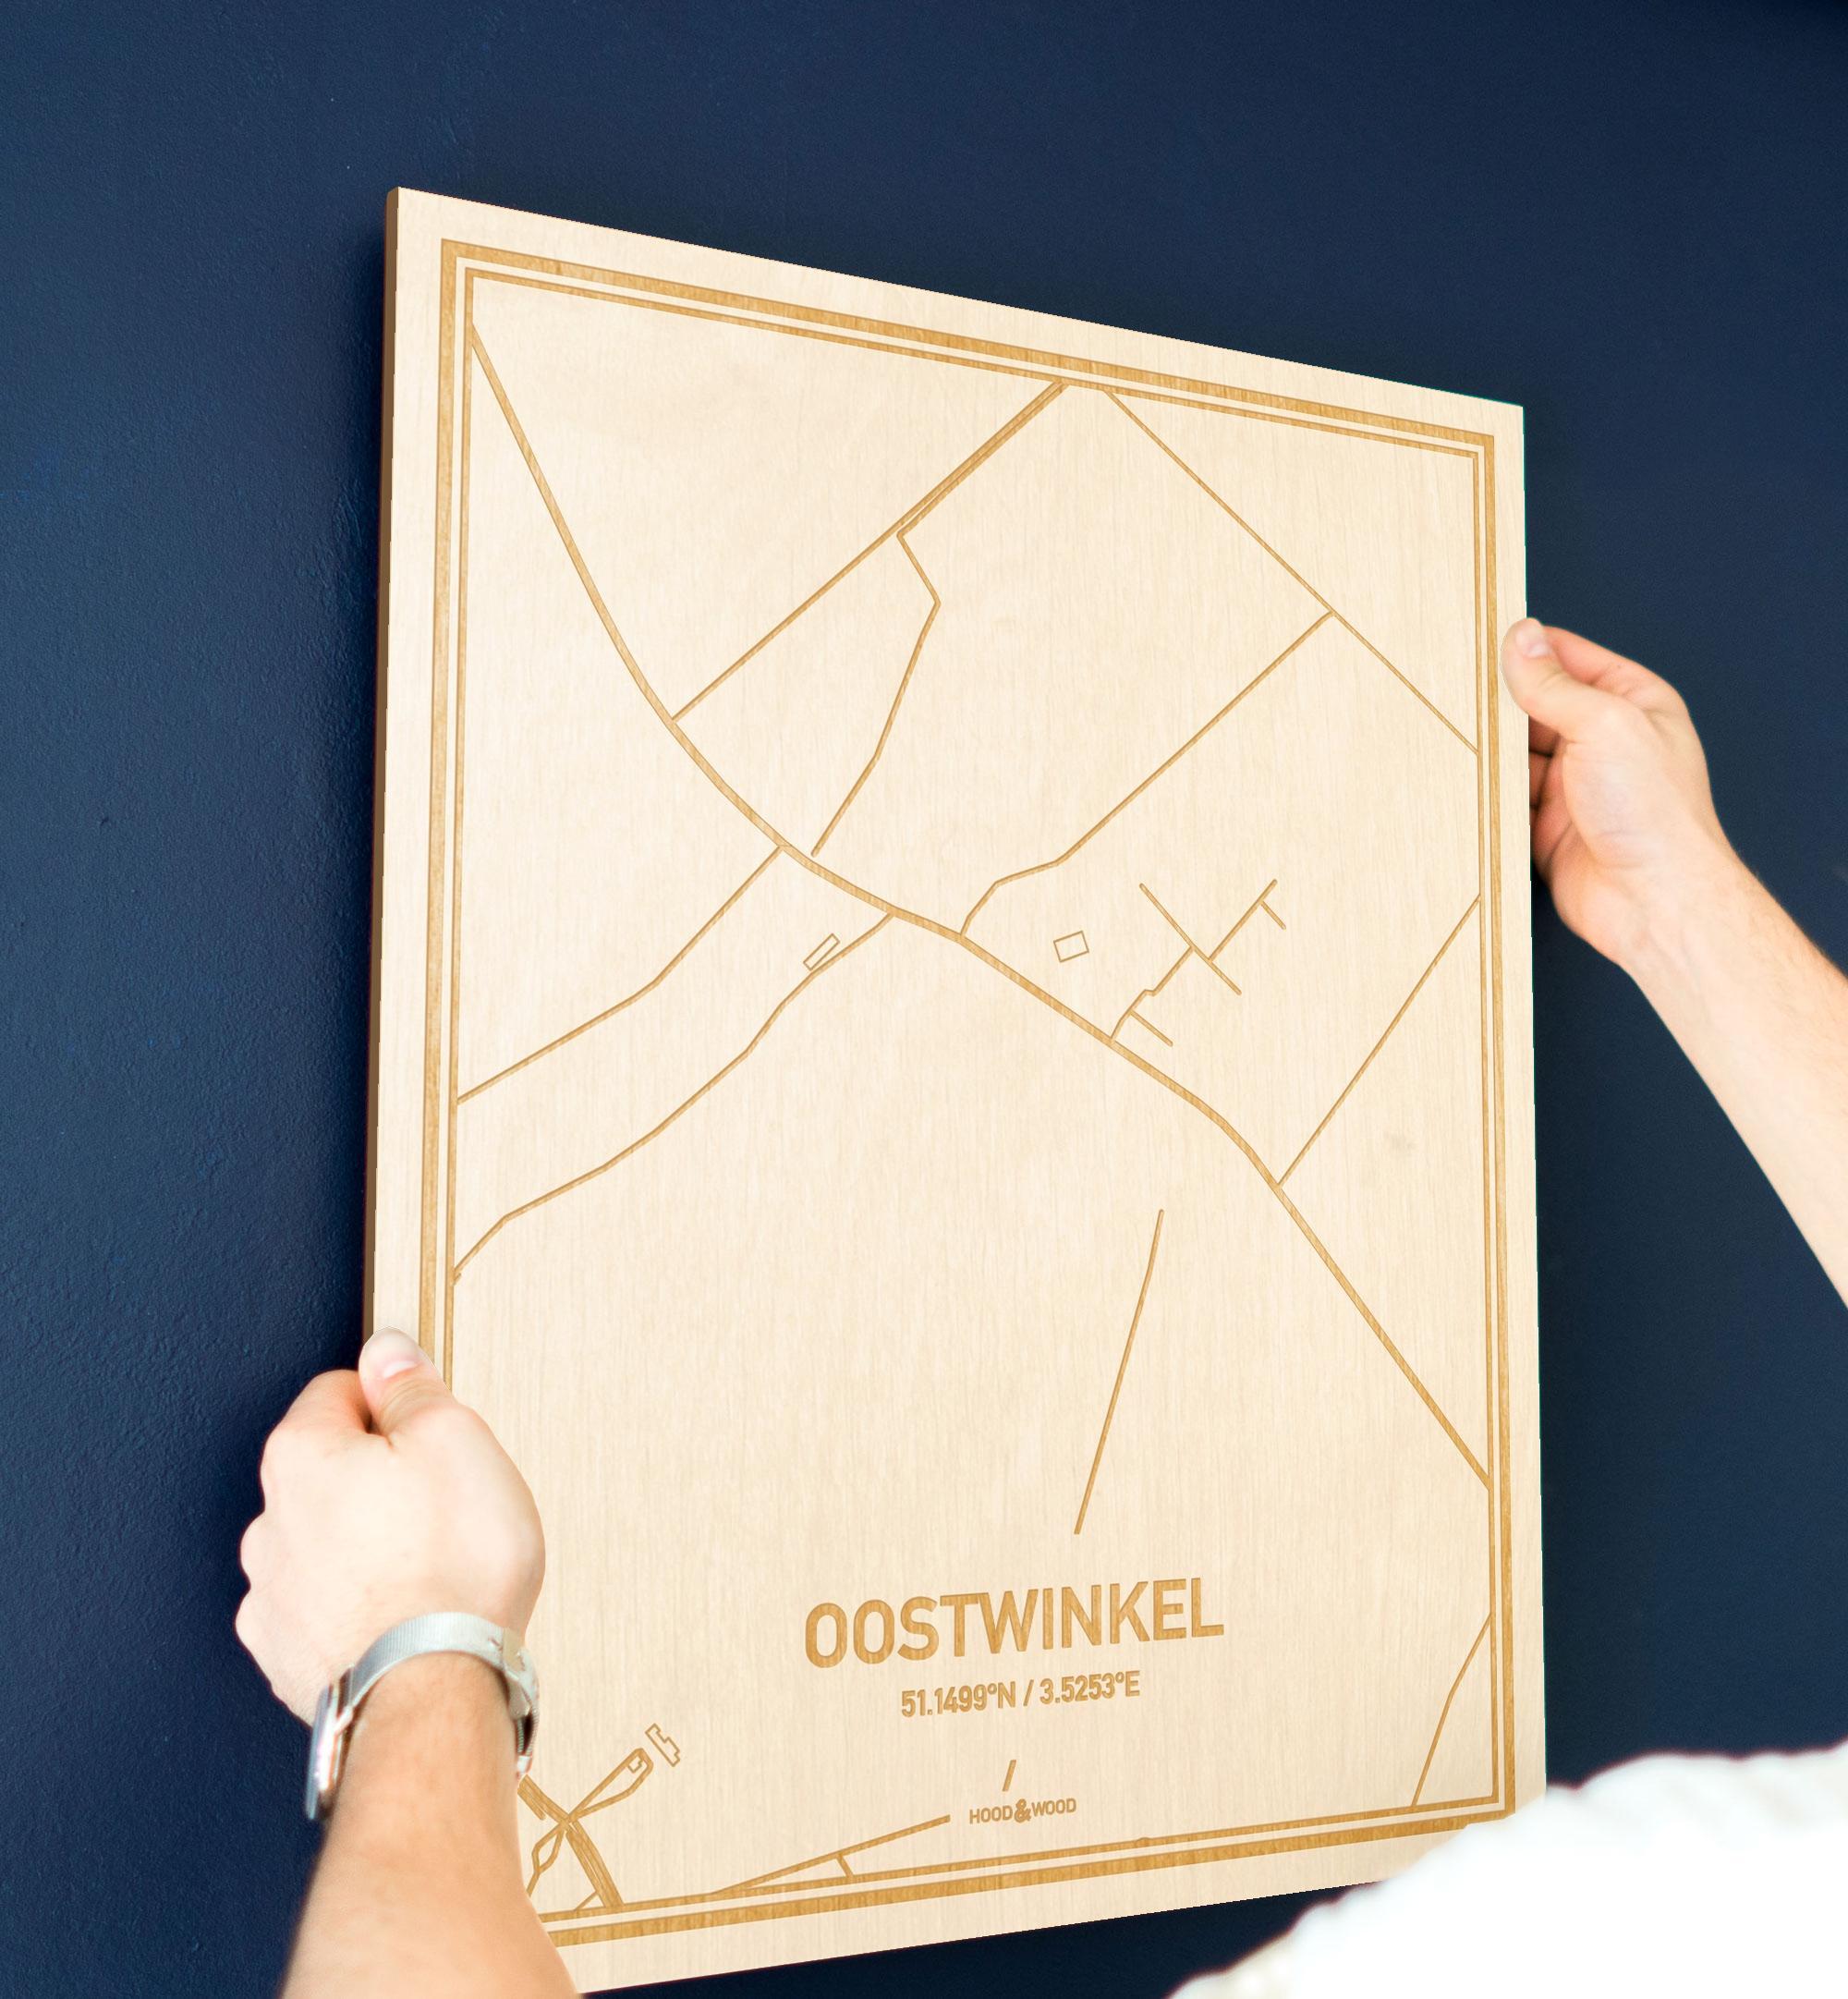 Een man hangt de houten plattegrond Oostwinkel aan zijn blauwe muur ter decoratie. Je ziet alleen zijn handen de kaart van deze opvallende in Oost-Vlaanderen  vasthouden.